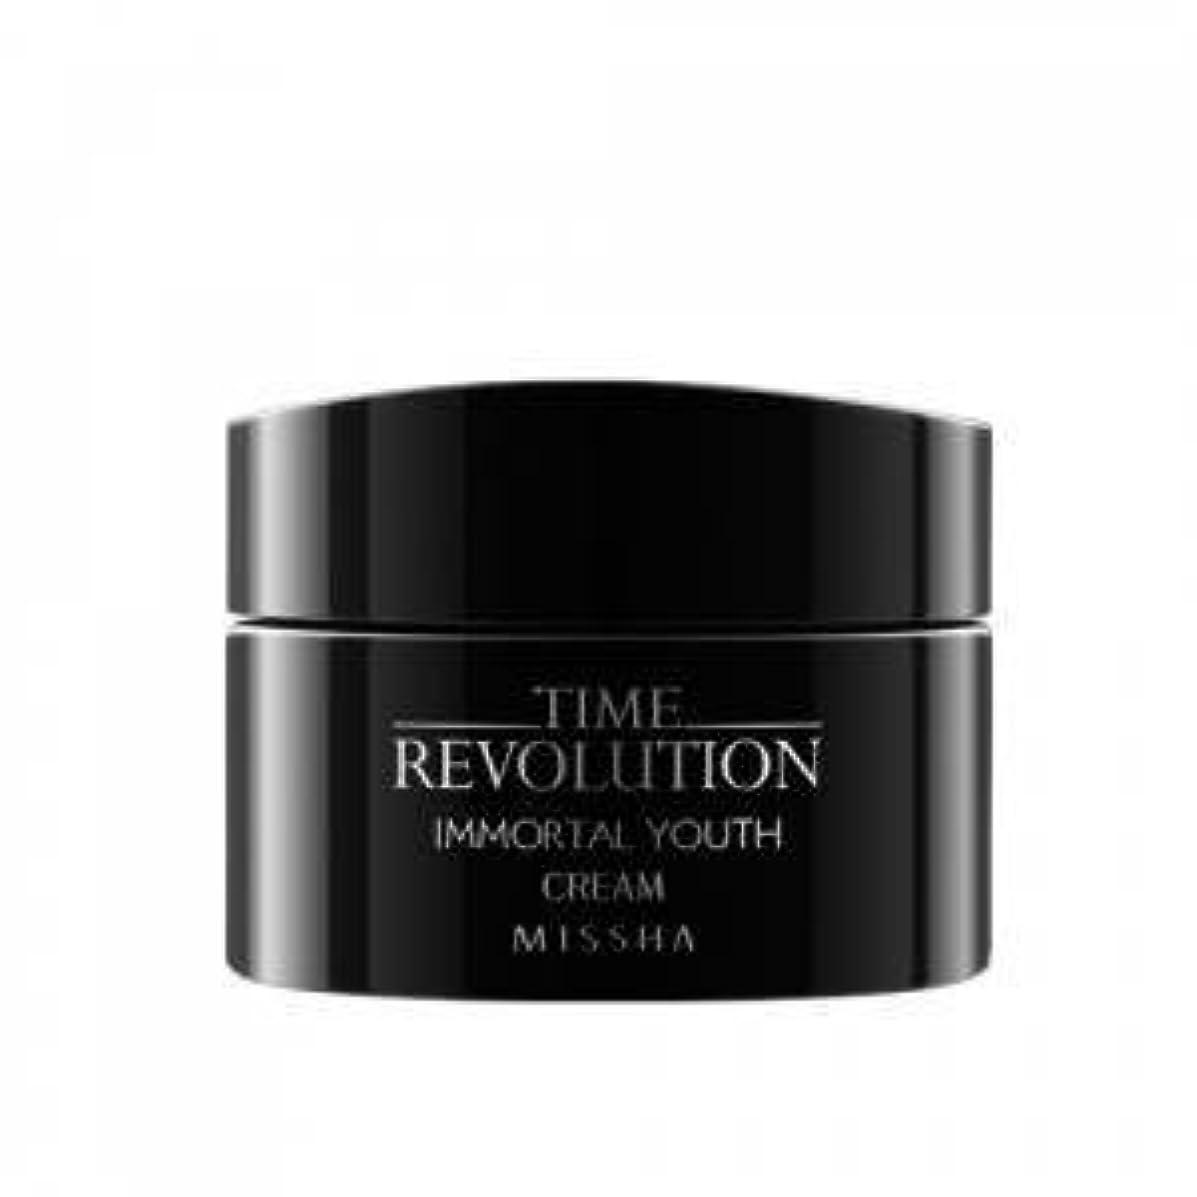 討論アルプス砂【MISSHA (ミシャ)】 Time Revolution Immortal Youth Cream タイムレボリューション イモータルユース クリーム